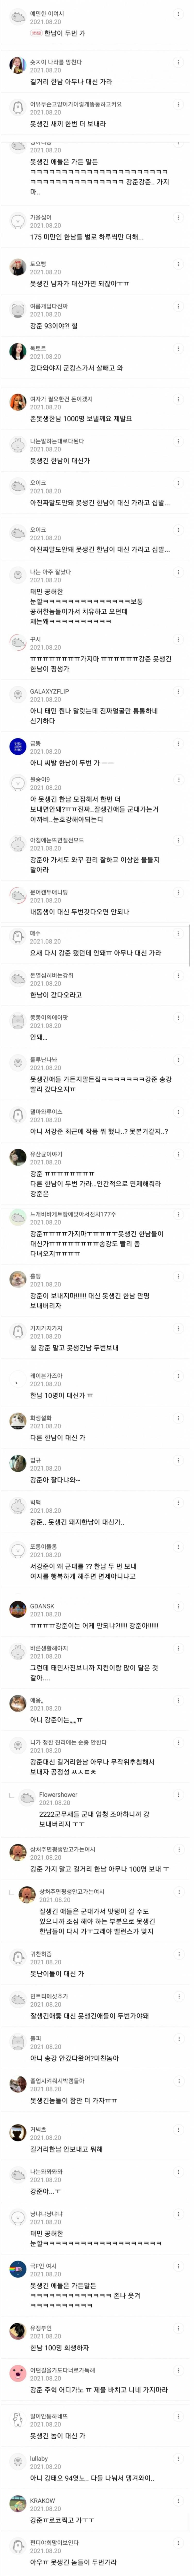 서강준 군입대 '그 사이트' 반응 | 인스티즈